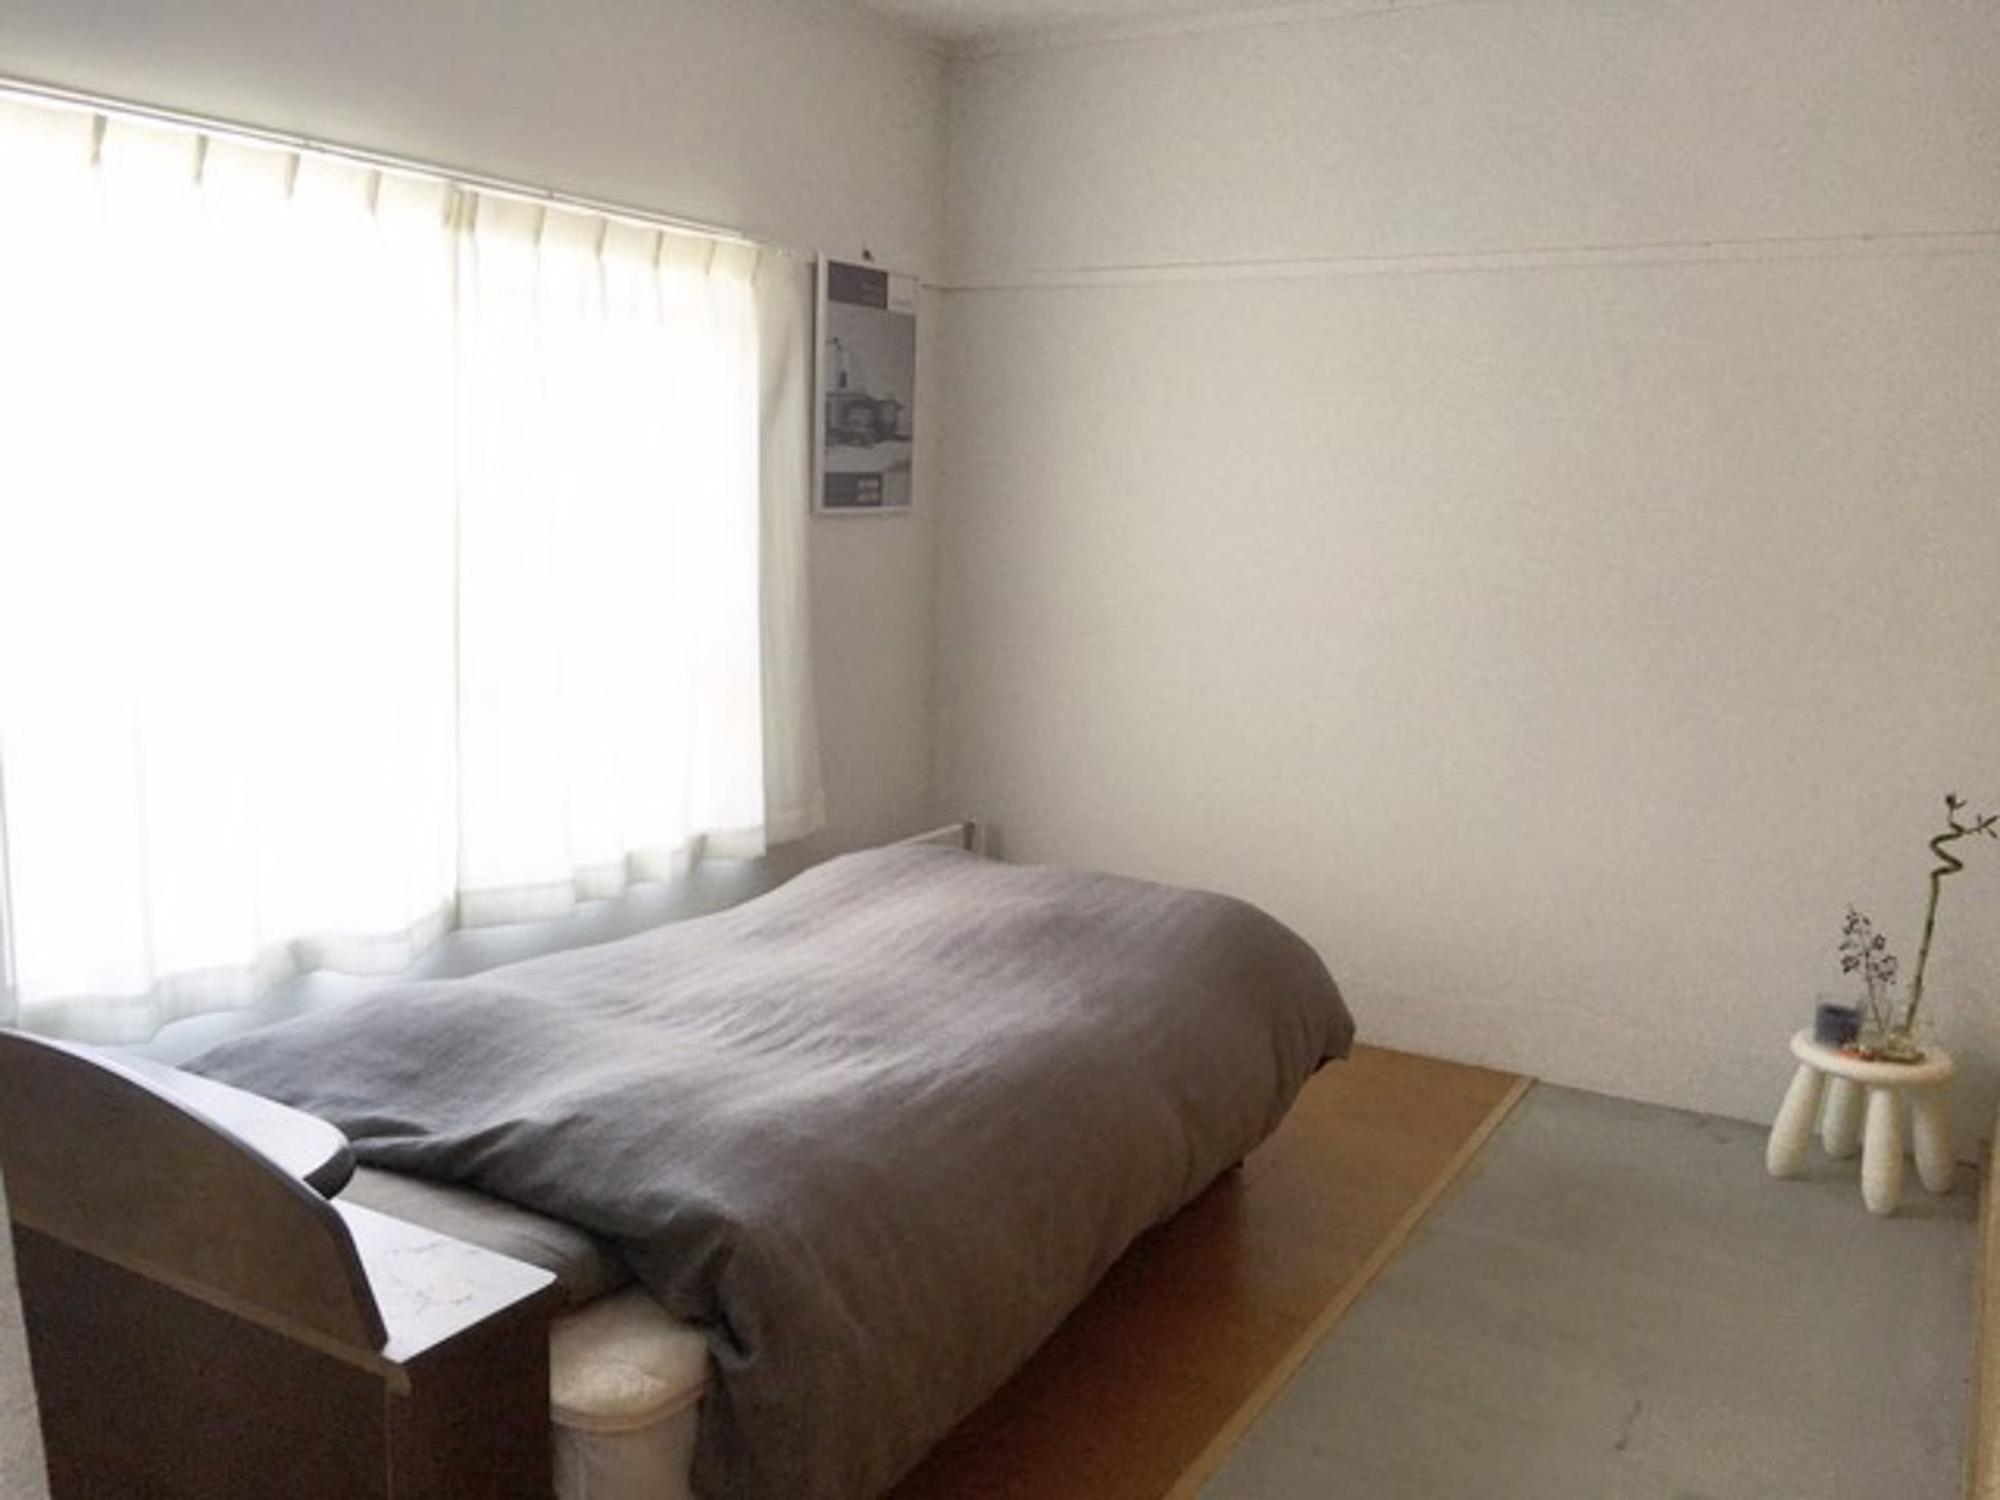 ベッド周りにはなるべくものを置かず、シンプルに整えたお部屋(photo:@jam_154)